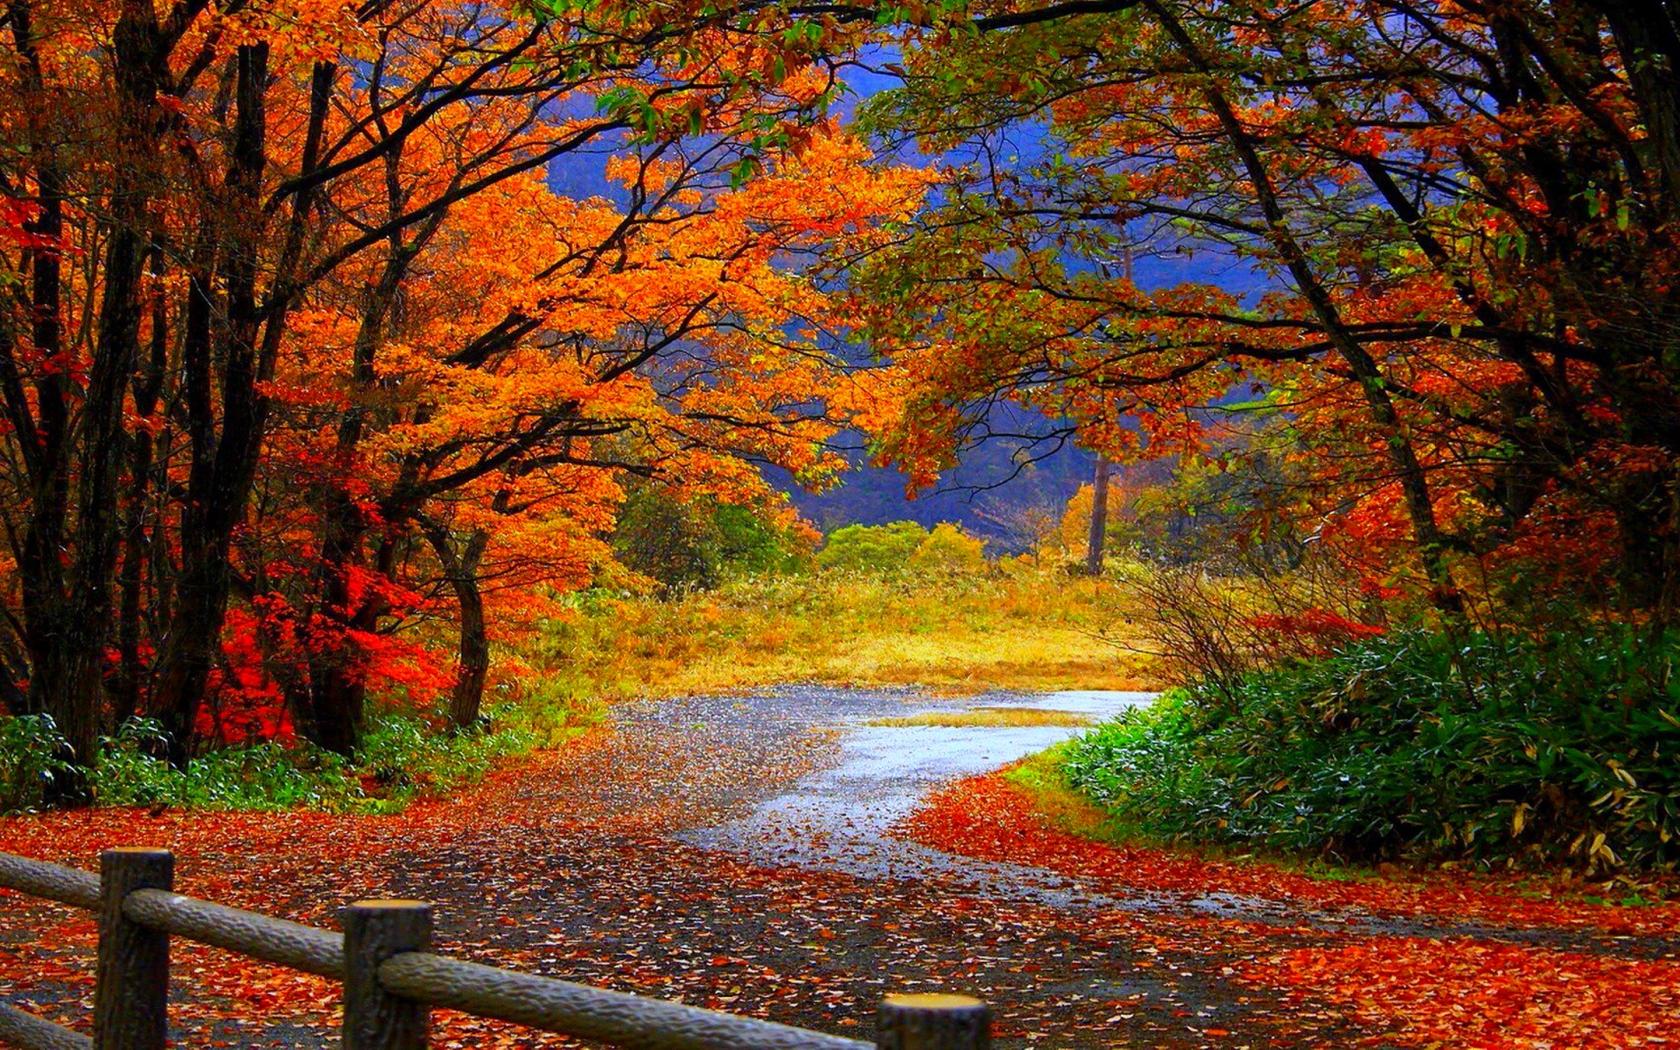 Fall wallpaper 1680x1050 36884 1680x1050